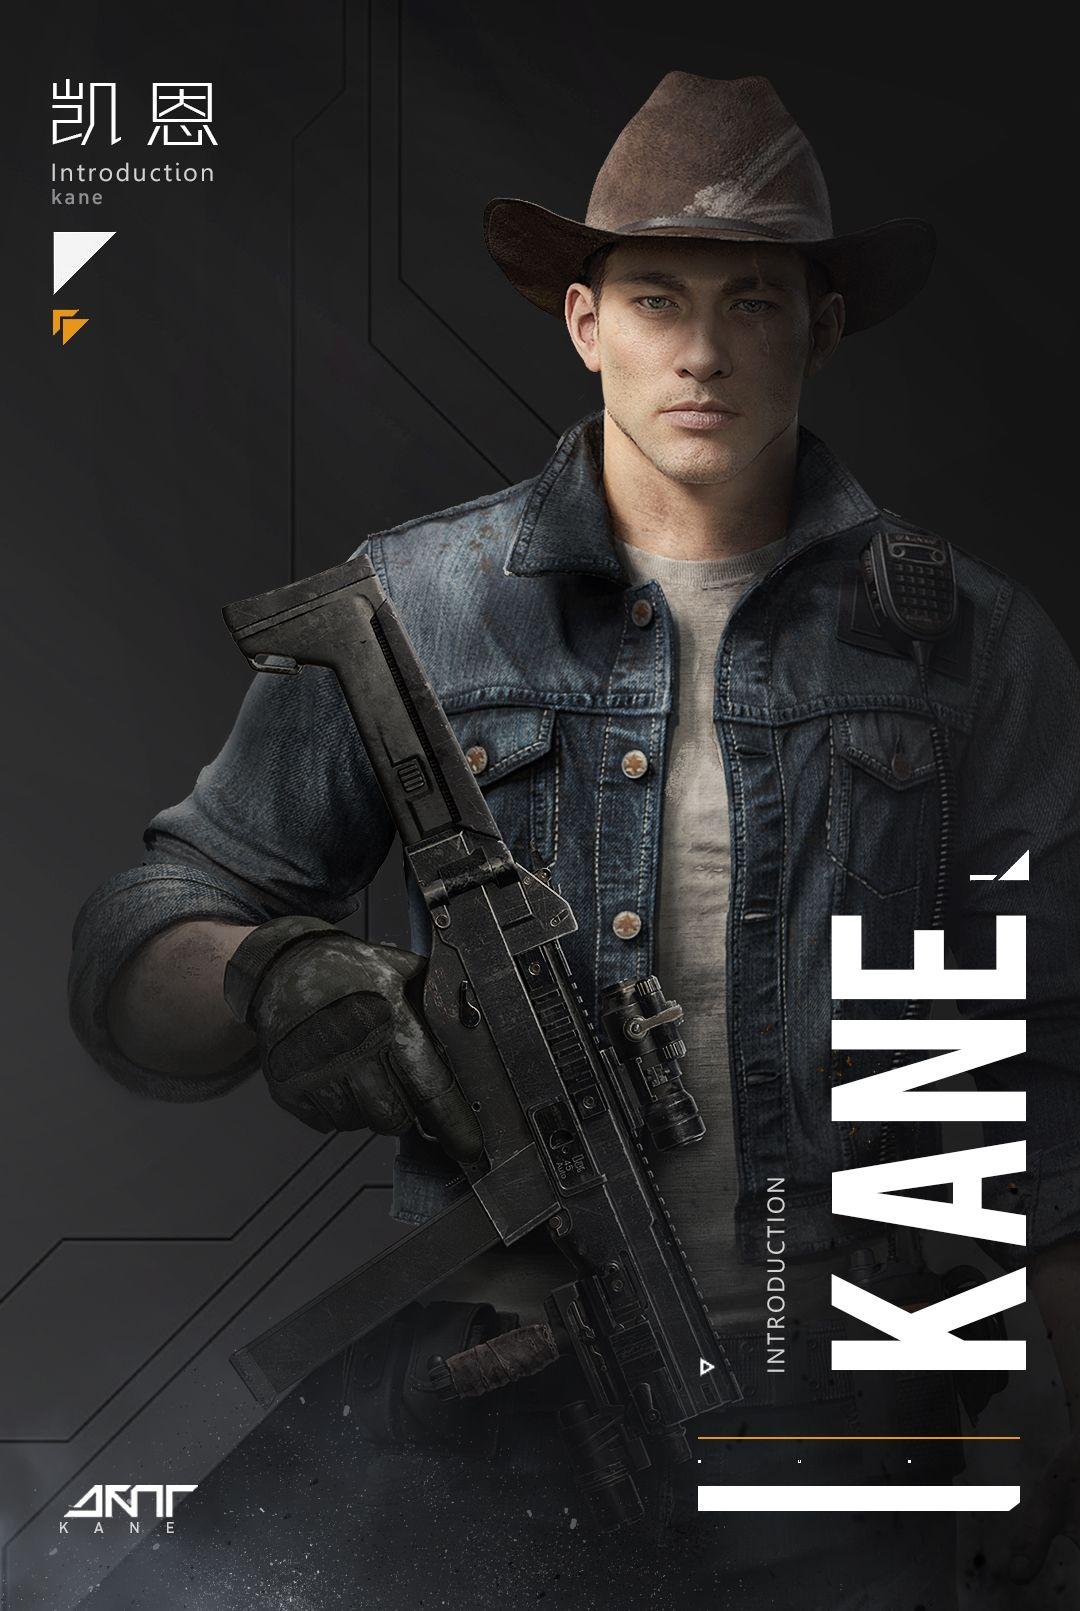 代号生机幸存者凯恩爆料 凯恩职业及外观形象一览